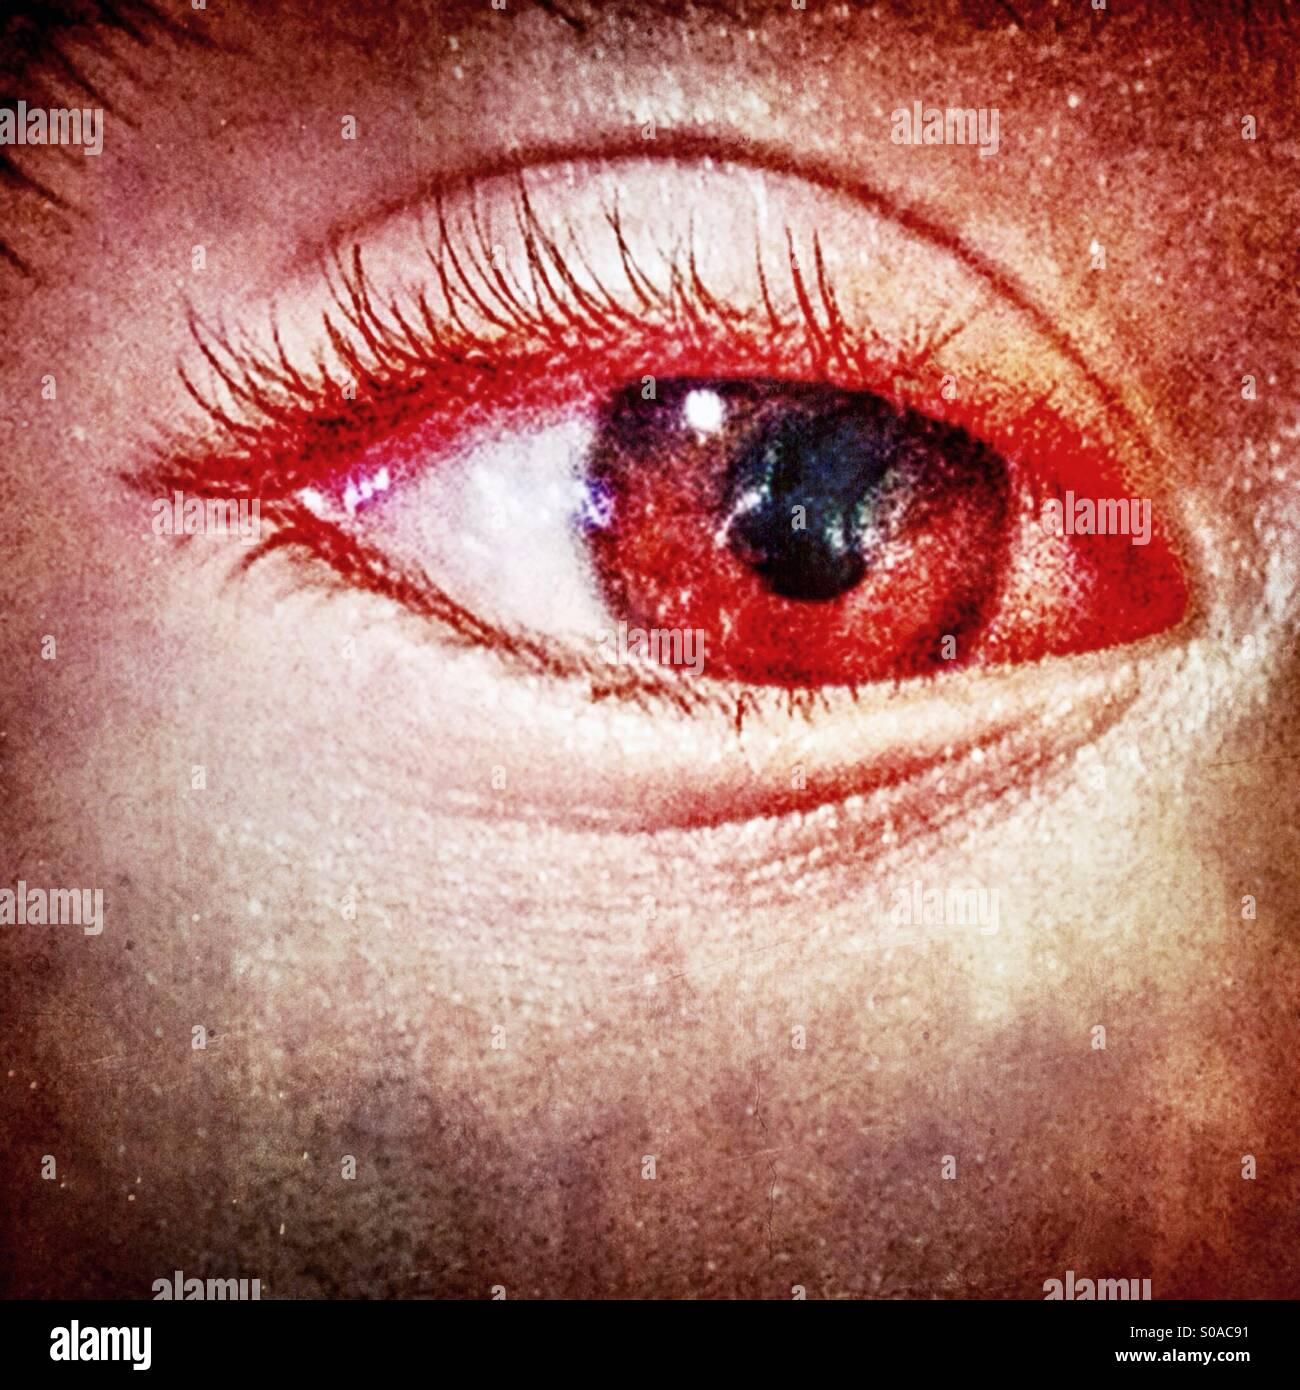 Nahaufnahme eines menschlichen Auges. Stockbild